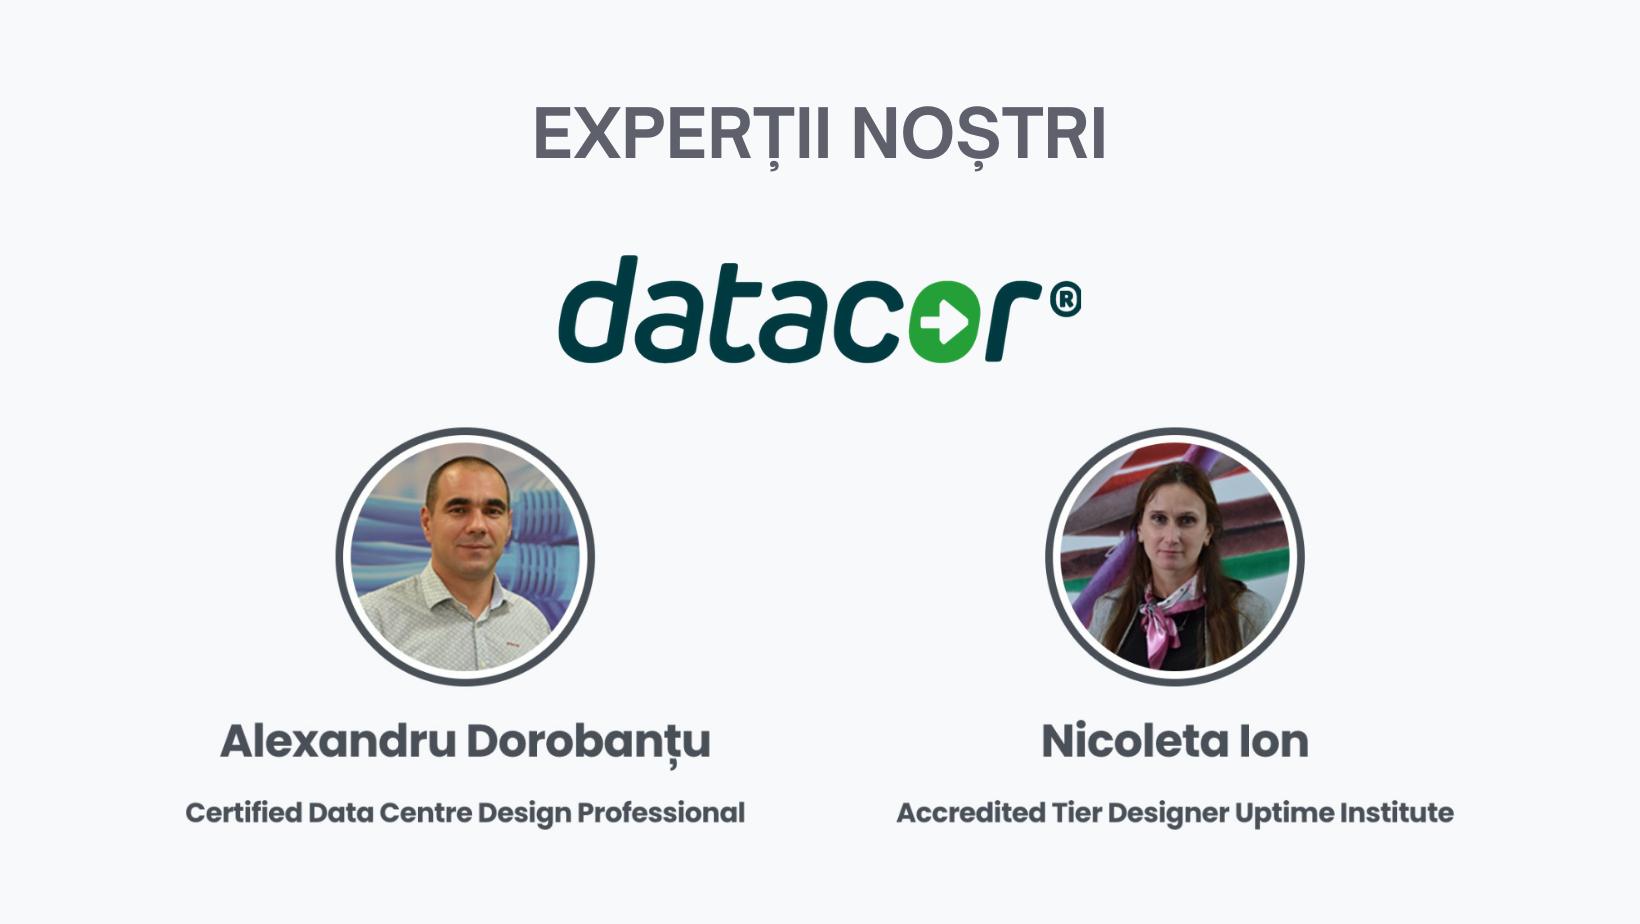 Datacor - Expertii nostri